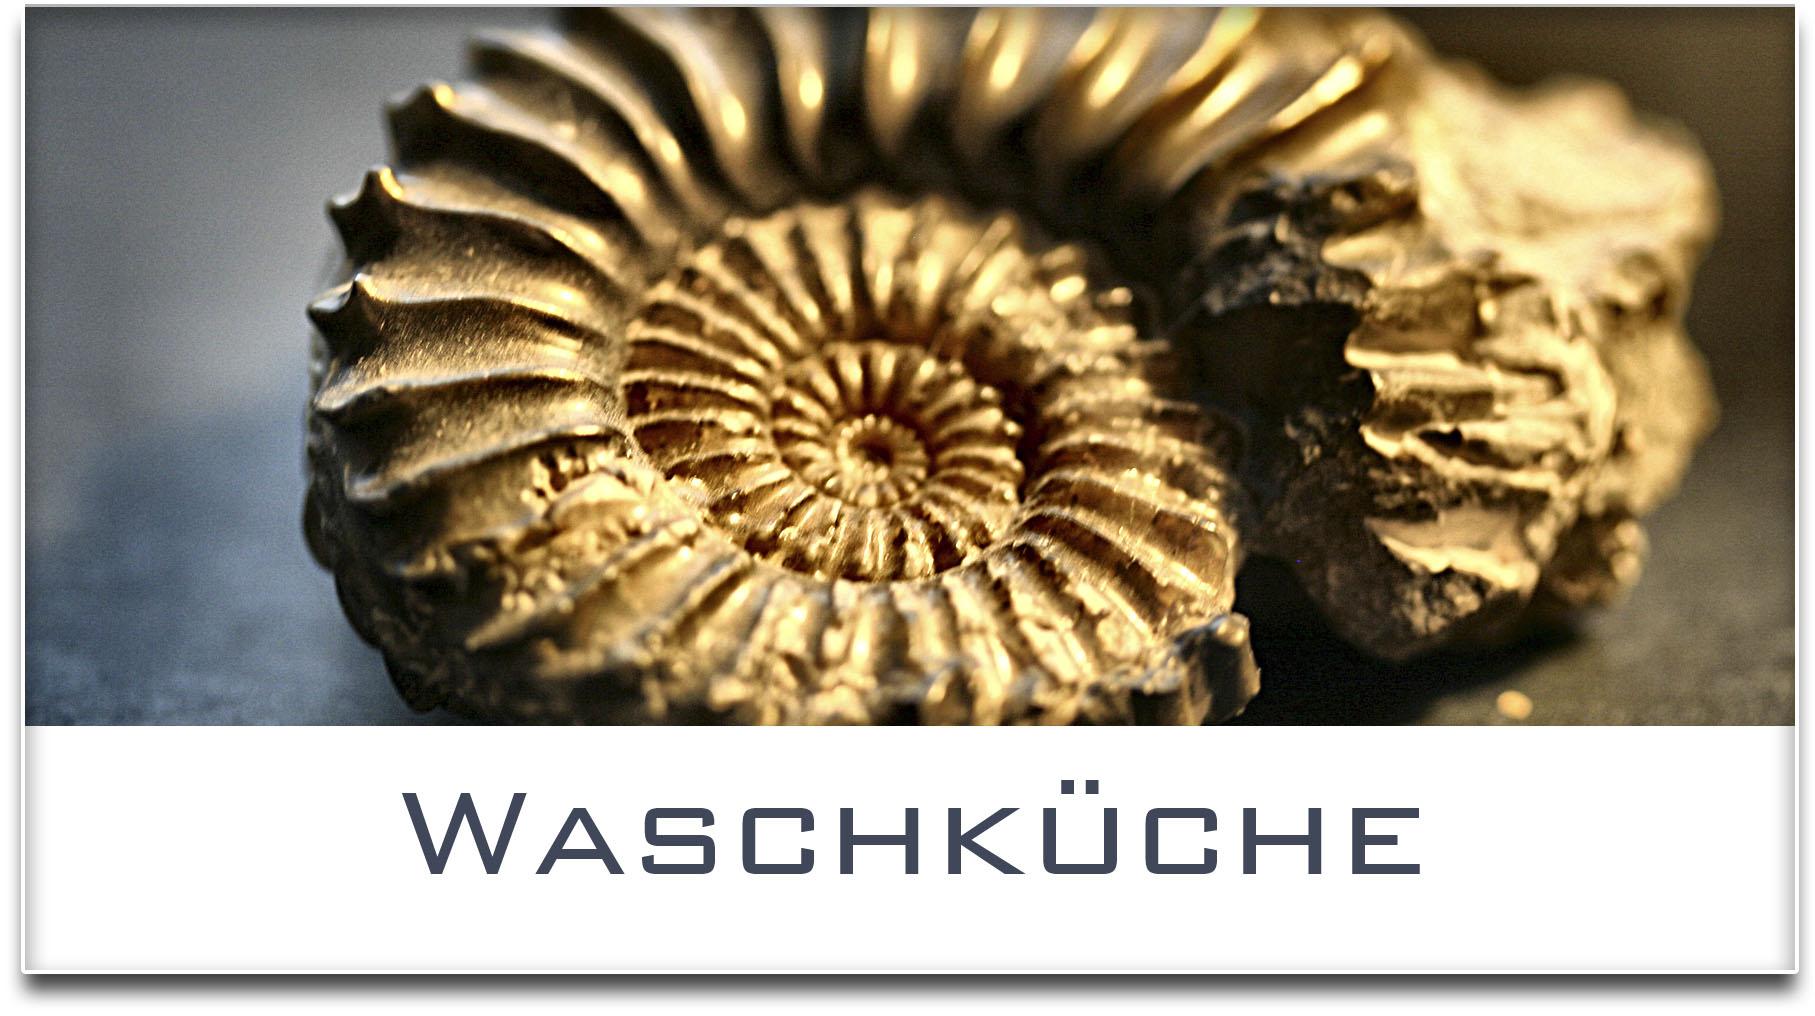 Türschild / Haustürschild / Versteinerte Muschel / Waschküche / Selbstklebend